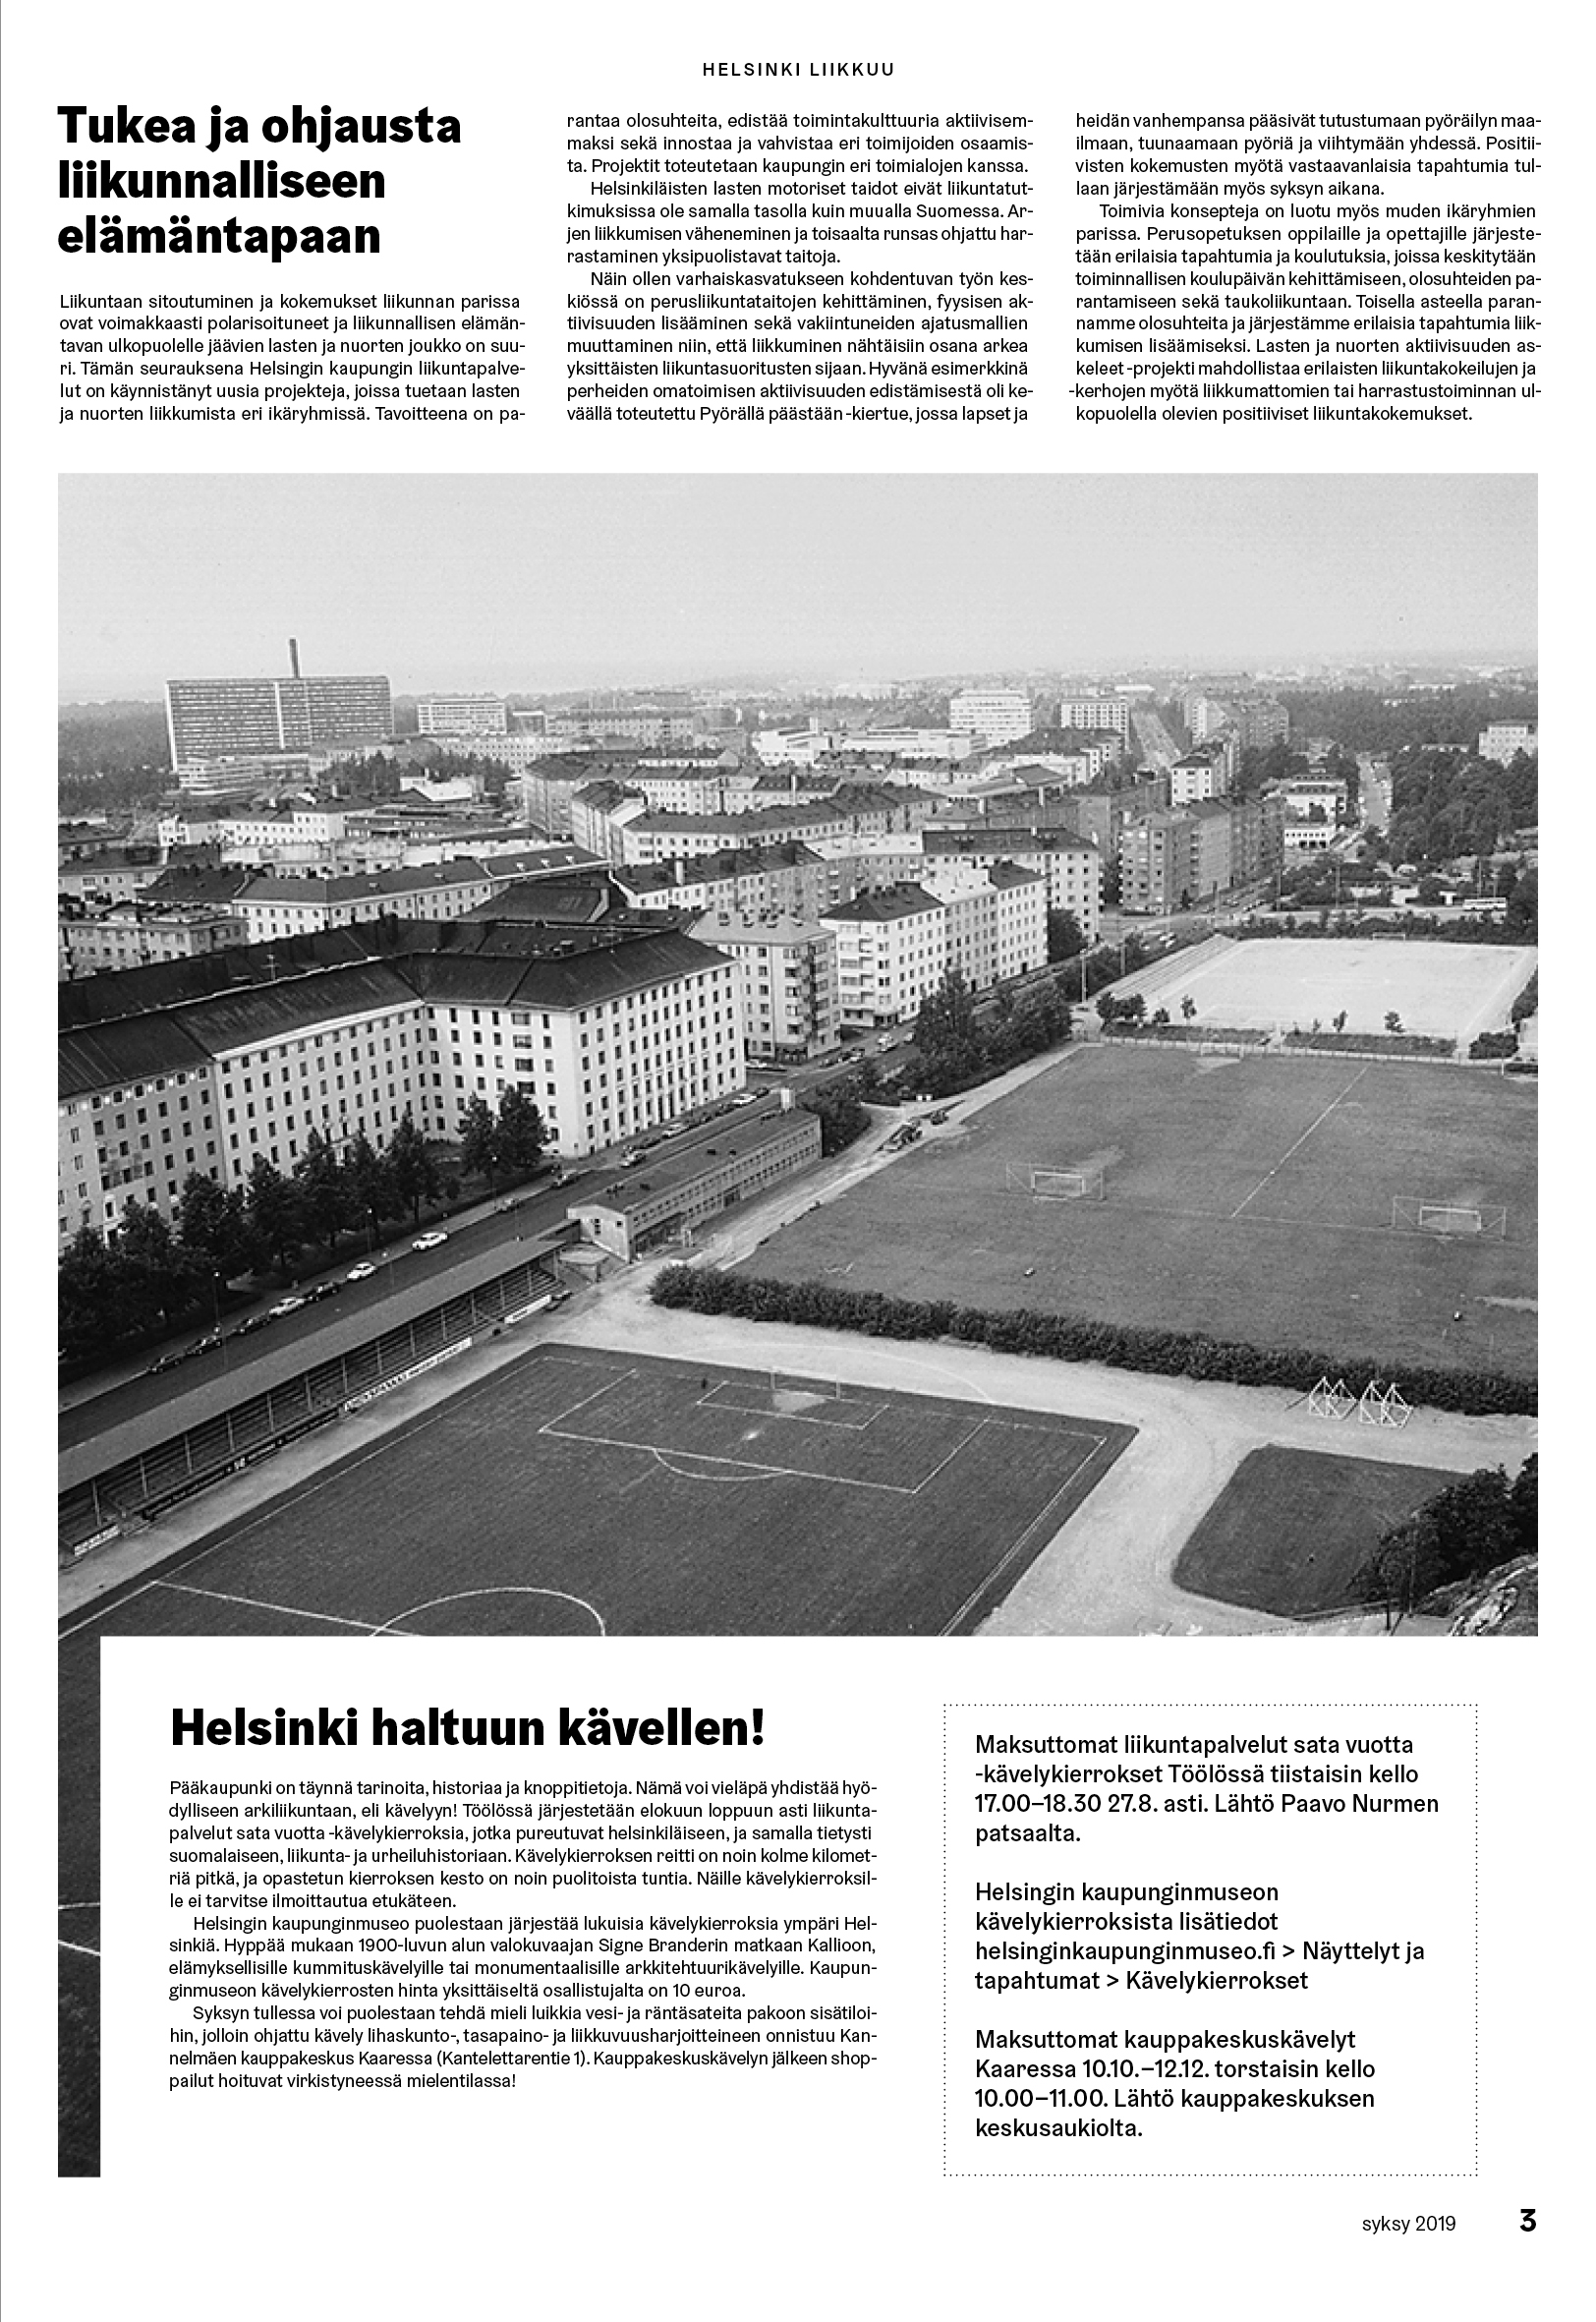 Helsingin_Uutiset_liikuntapalveluiden_syysesite_2019_netti3